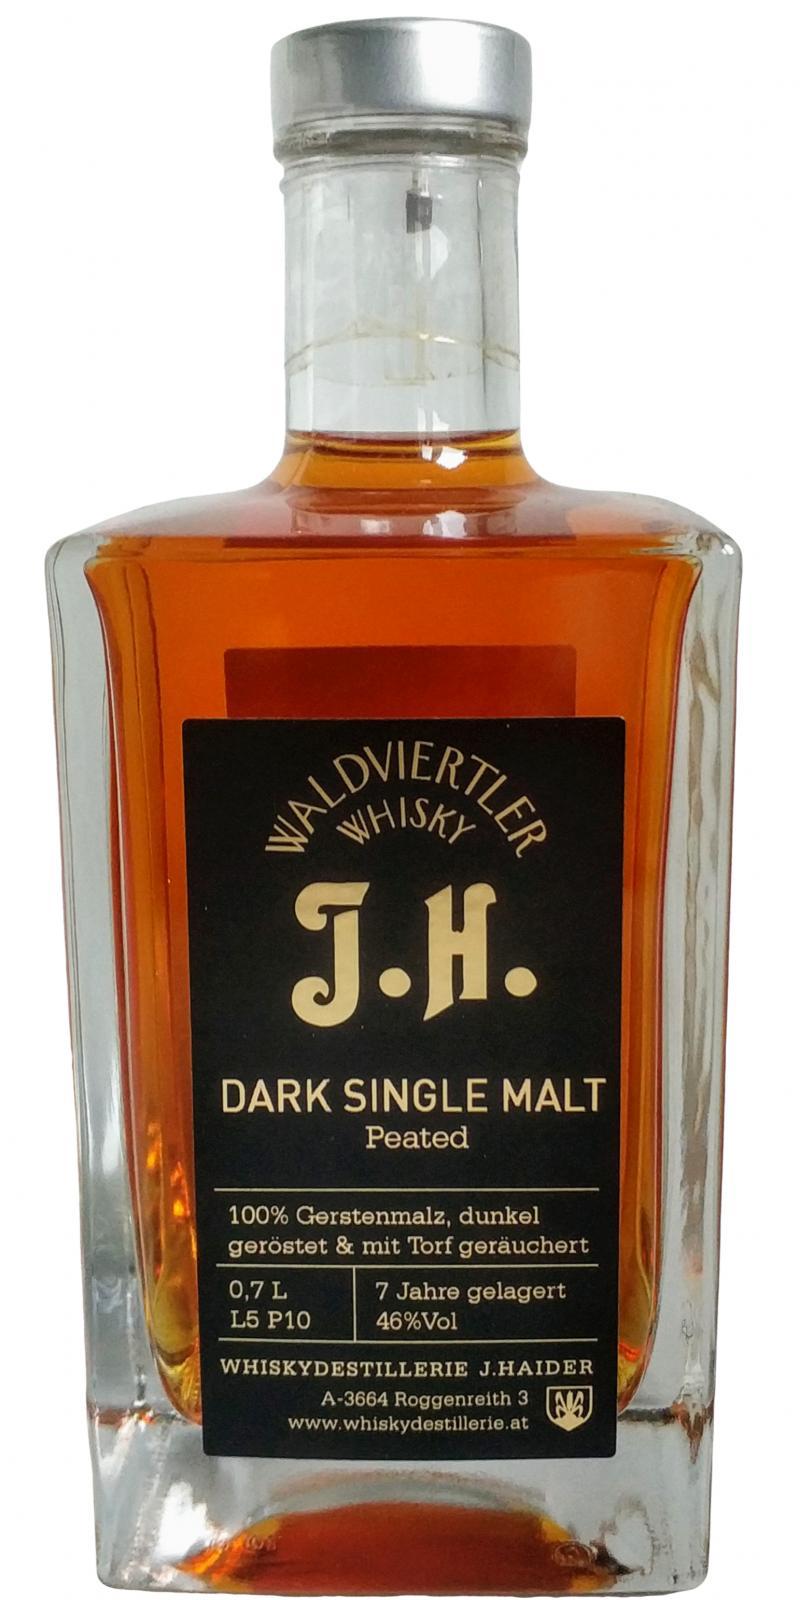 Waldviertler Whisky J.H. Dark Single Malt